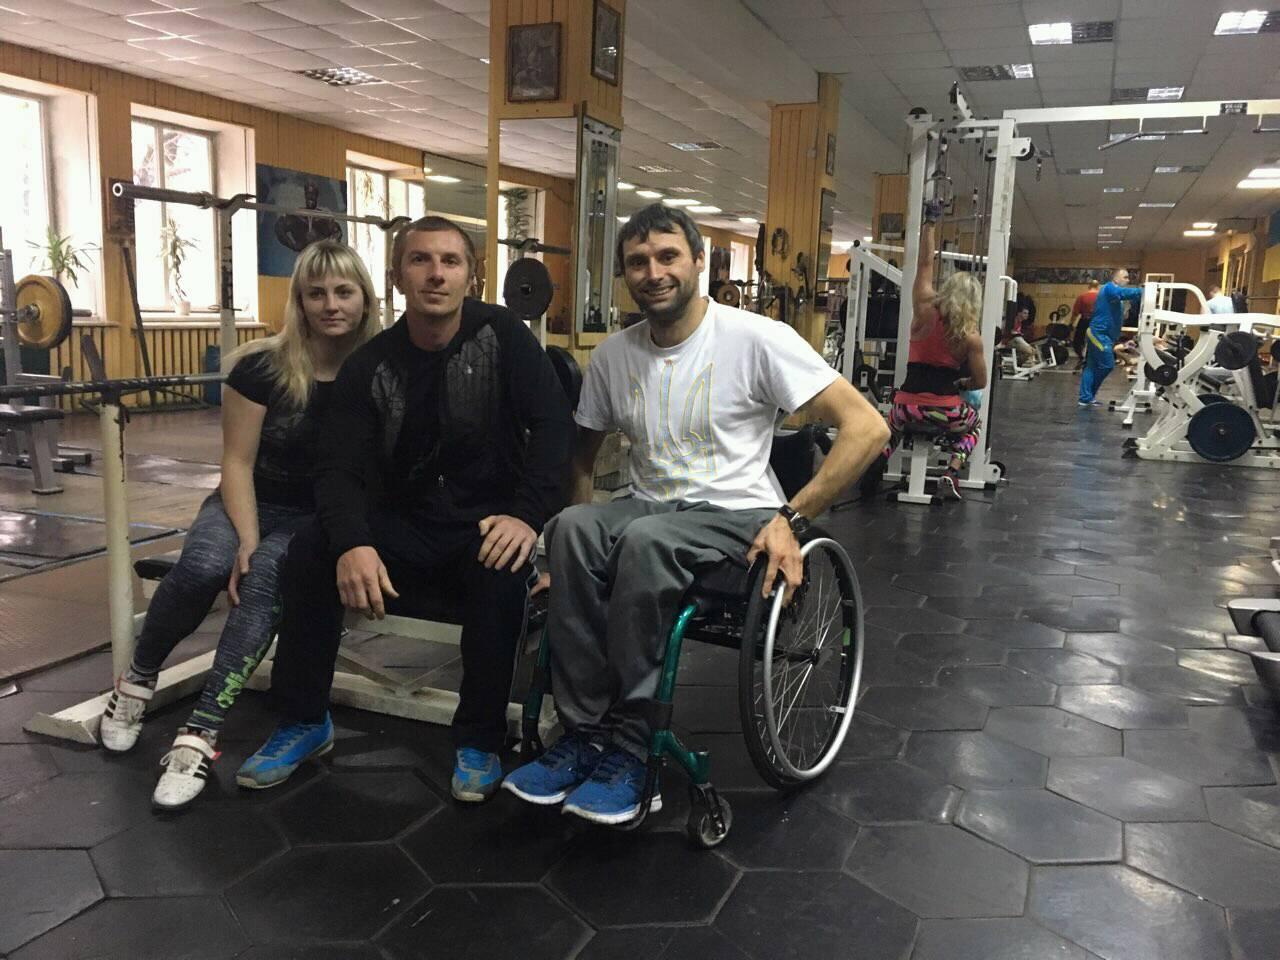 cidzyn kolosov danko - <b>Необмежені можливості.</b> Як українським паралімпійцям удається перемагати в спорті та житті - Заборона